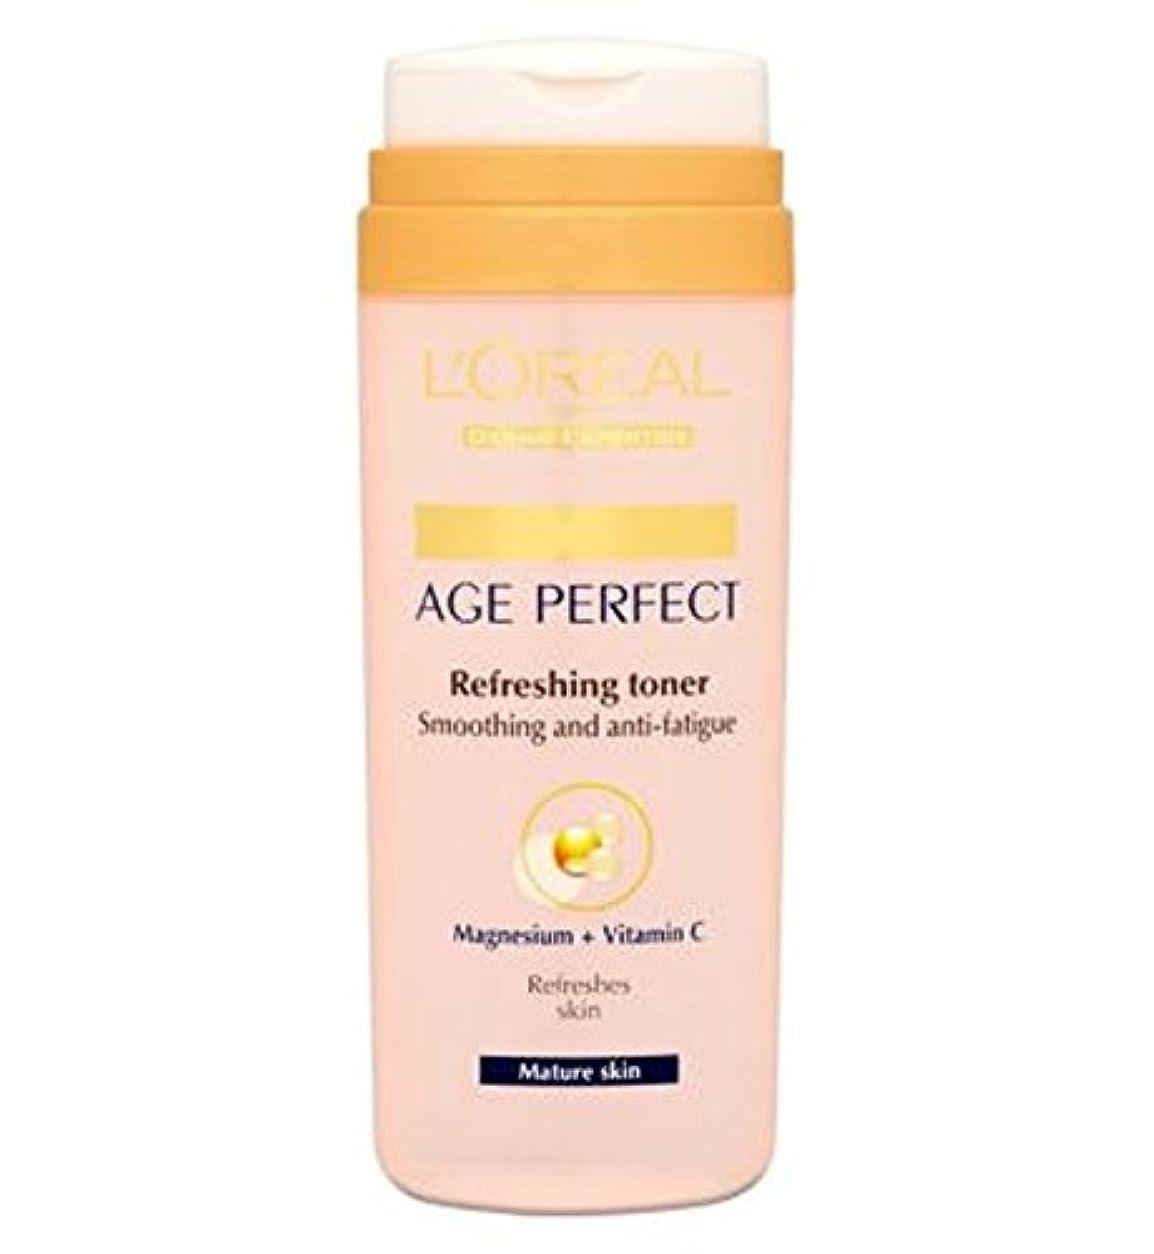 オーバーヘッド膜情報L'Oreall Paris Dermo-Expertise Age Perfect Refreshing Toner Mature Skin 200ml - L'Oreallパリ真皮専門知識の年齢、完璧なさわやかなトナー...